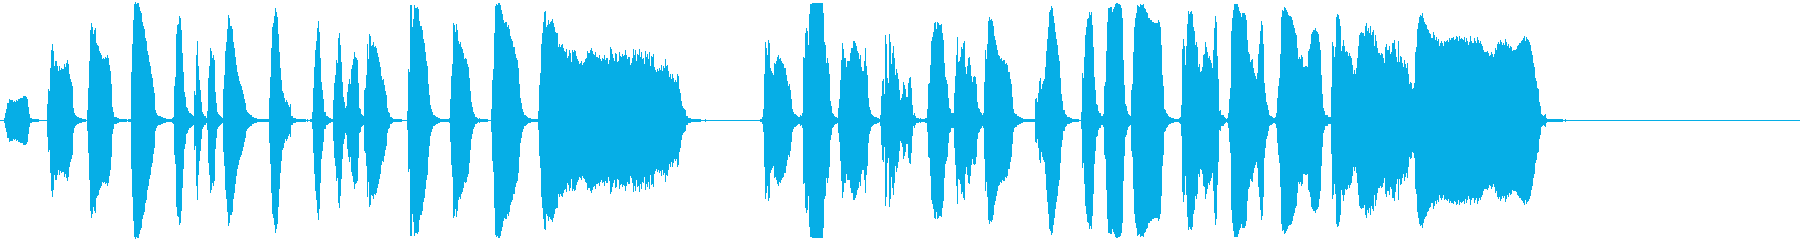 トランペット:アクセント、コミカル...の再生済みの波形